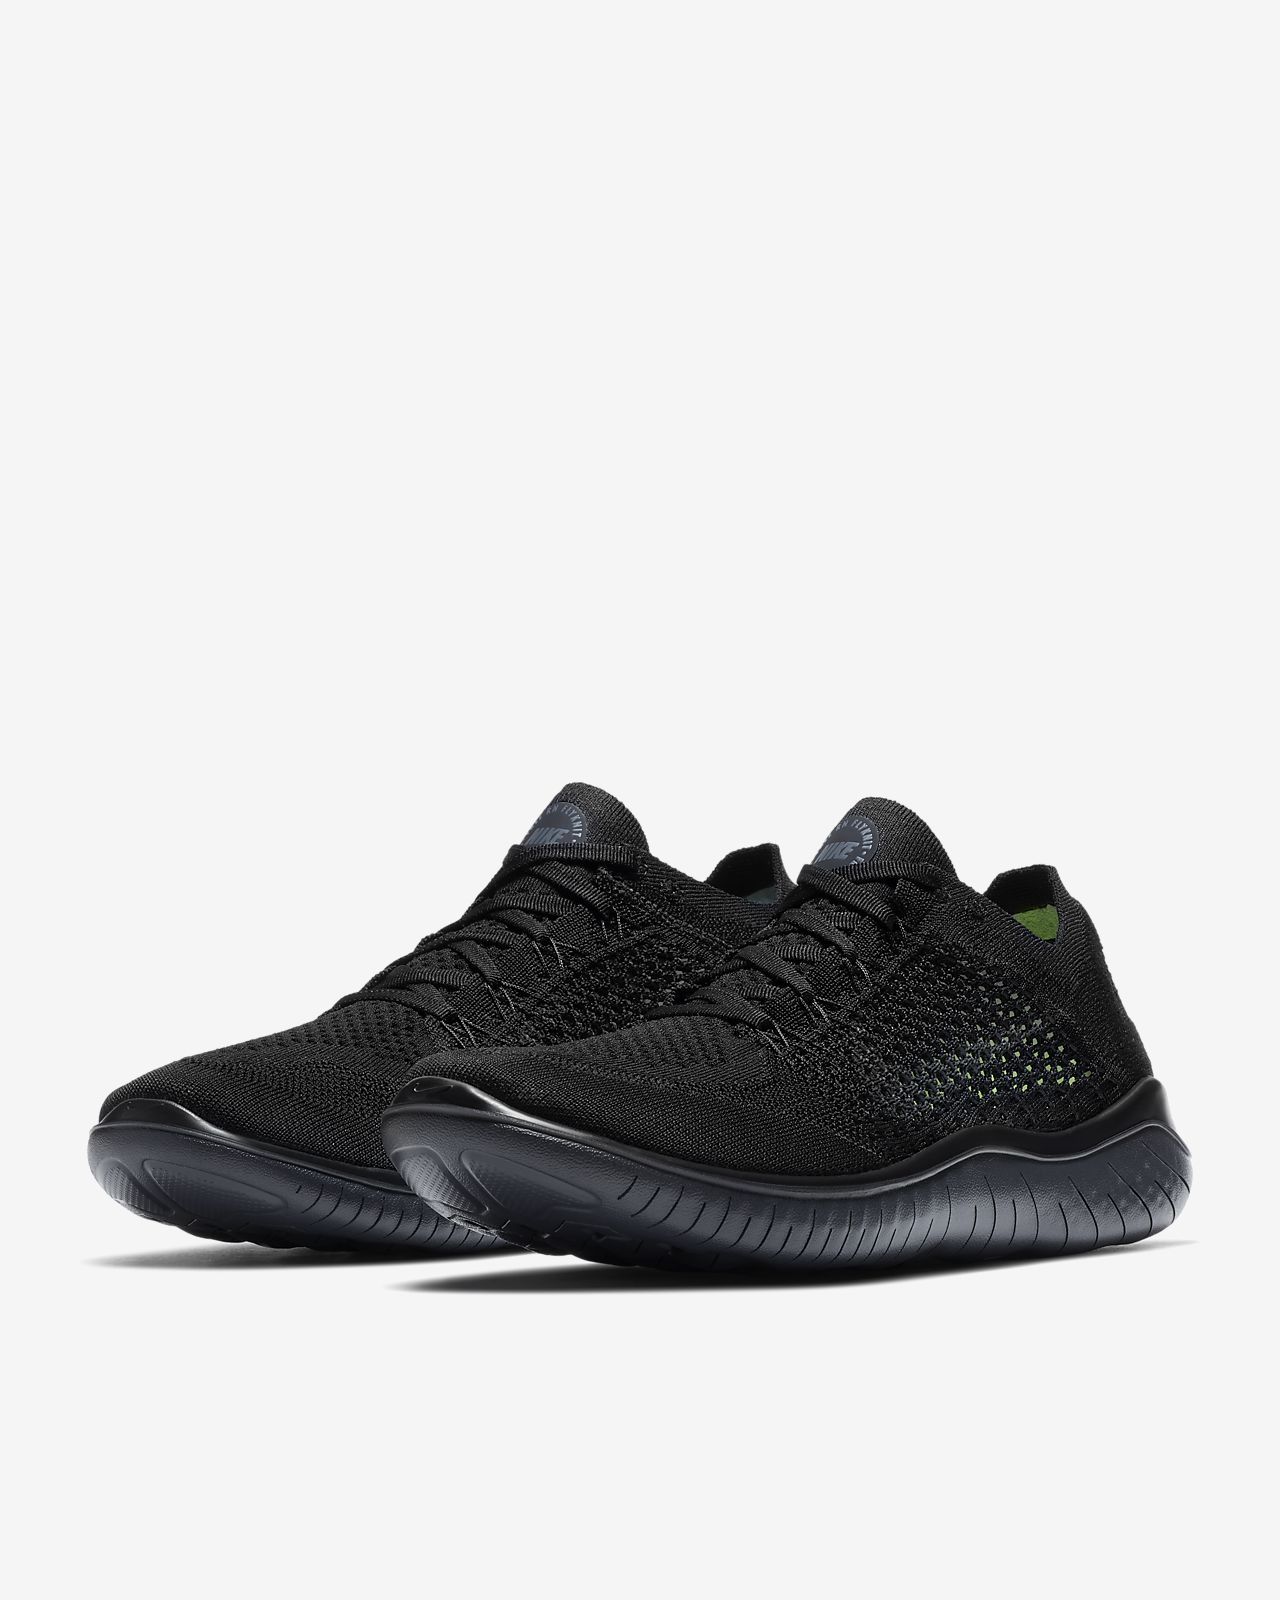 39db69816cebd Nike Flex 2017 Flash Mens Running Shoes Review - Style Guru  Fashion ...